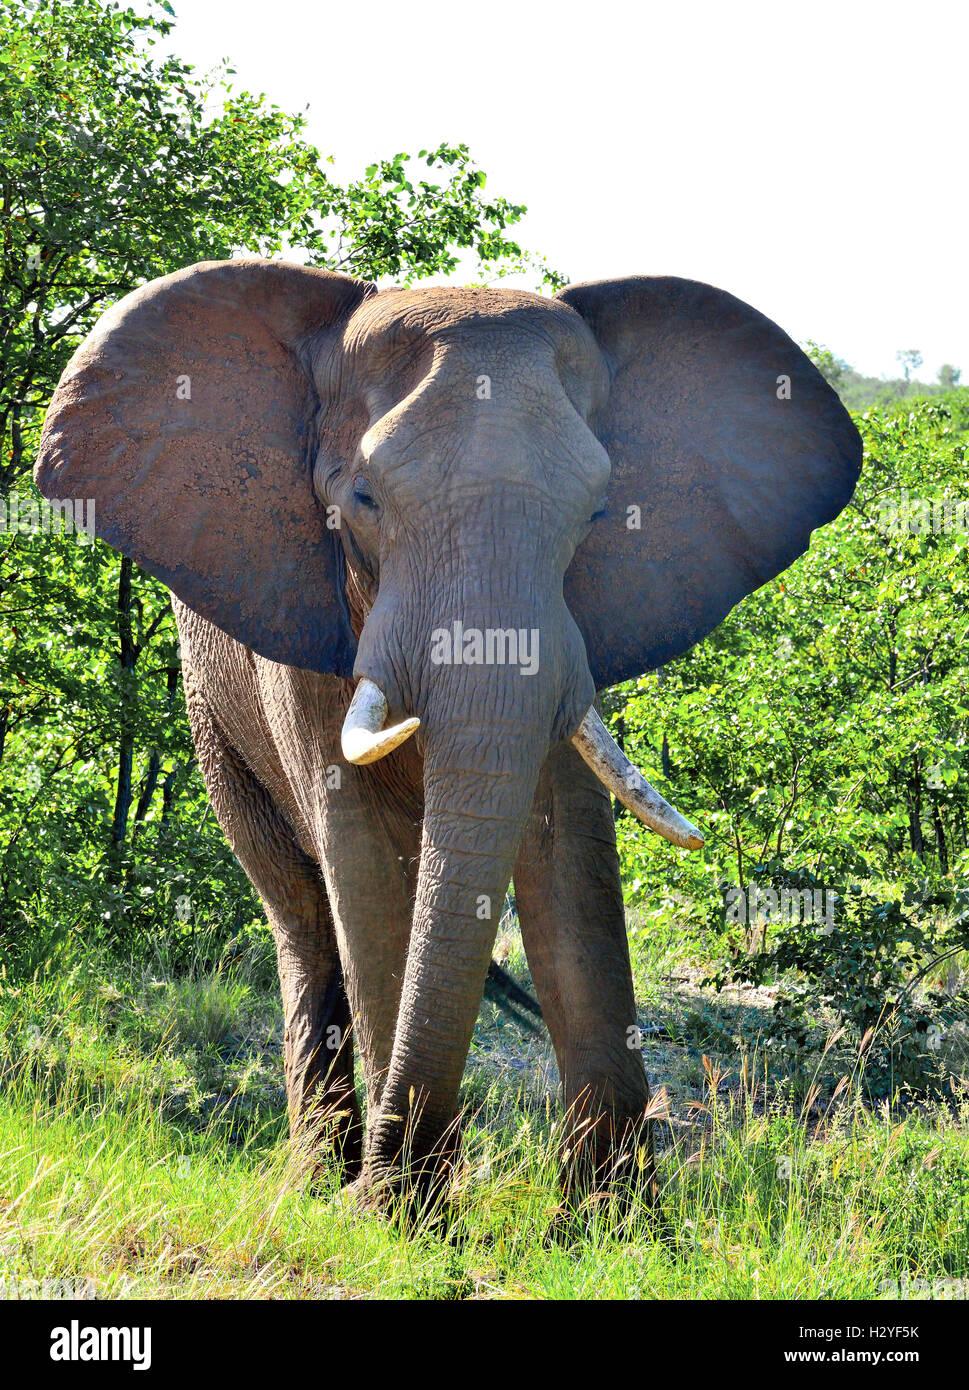 Elefant, eine bedrohliche Gebühr Ohren flattern und Stamm in die Straße Seite Büsche in der Nähe Stockbild